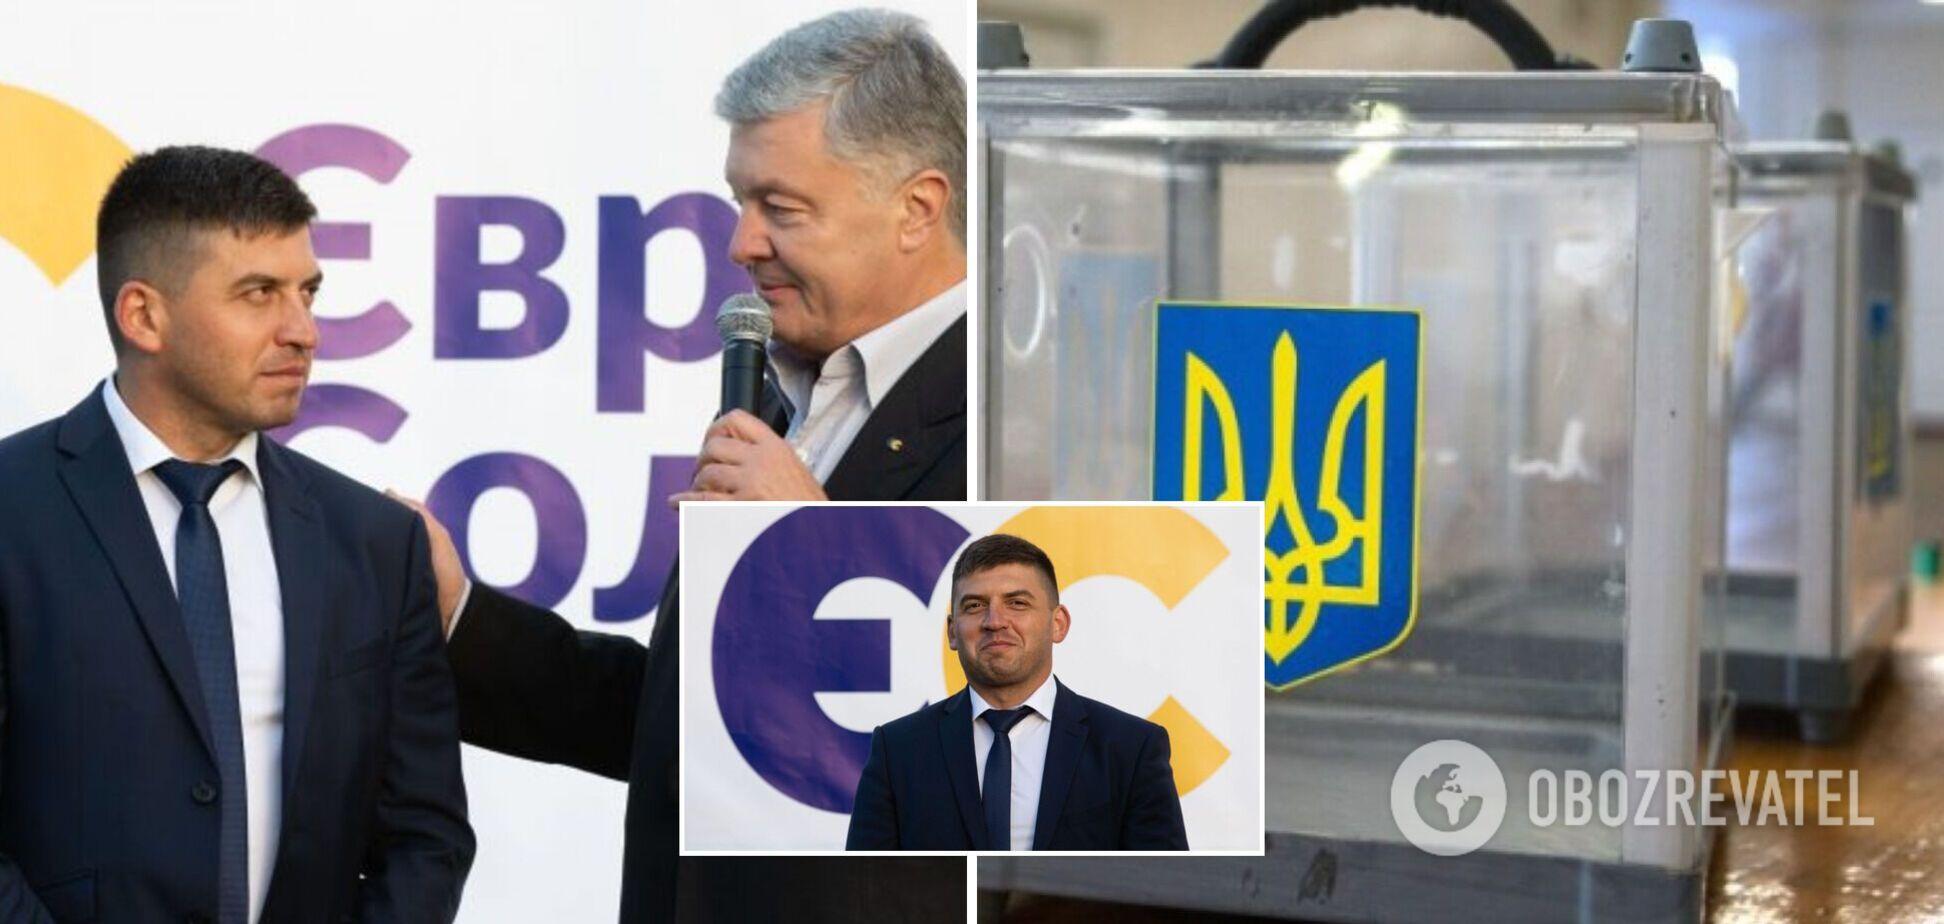 Порошенко підтримав Авраменка як кандидата на виборах голови Липовецької ОТГ на Вінниччині